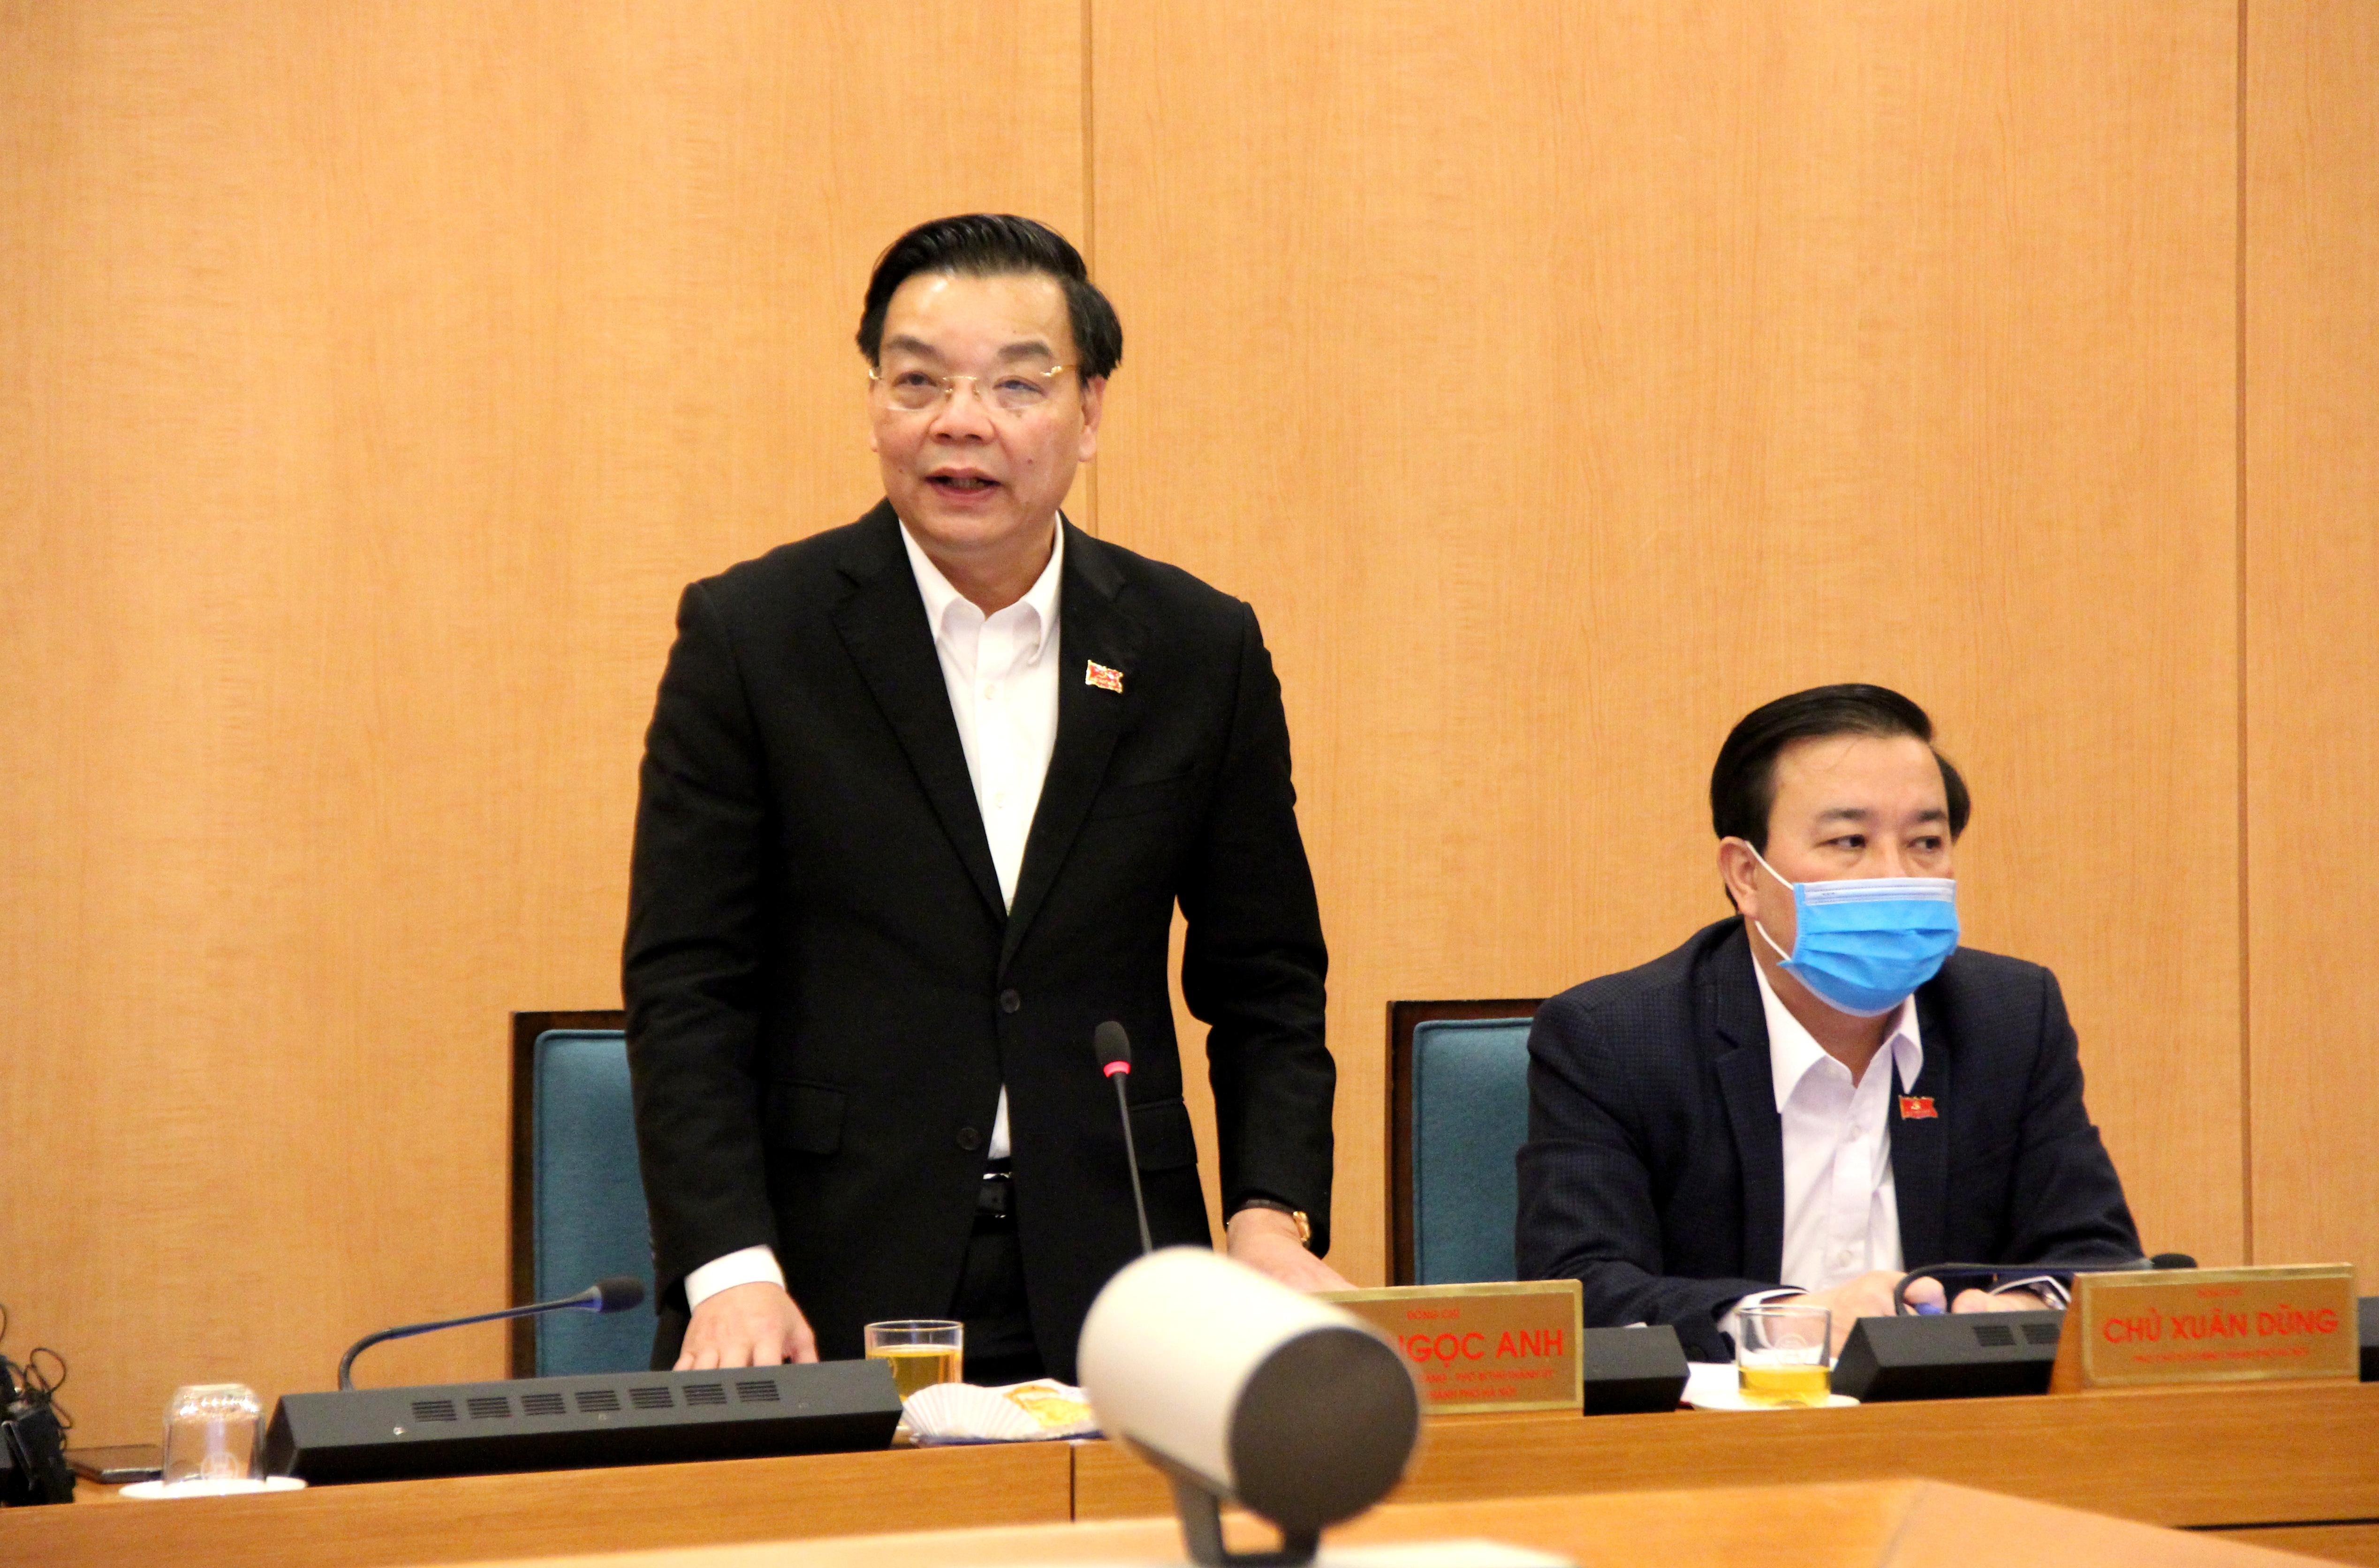 Bí thư Thành ủy Vương Đình Huệ: Công tác phòng, chống dịch Covid-19 phải quyết liệt và quyết đoán hơn